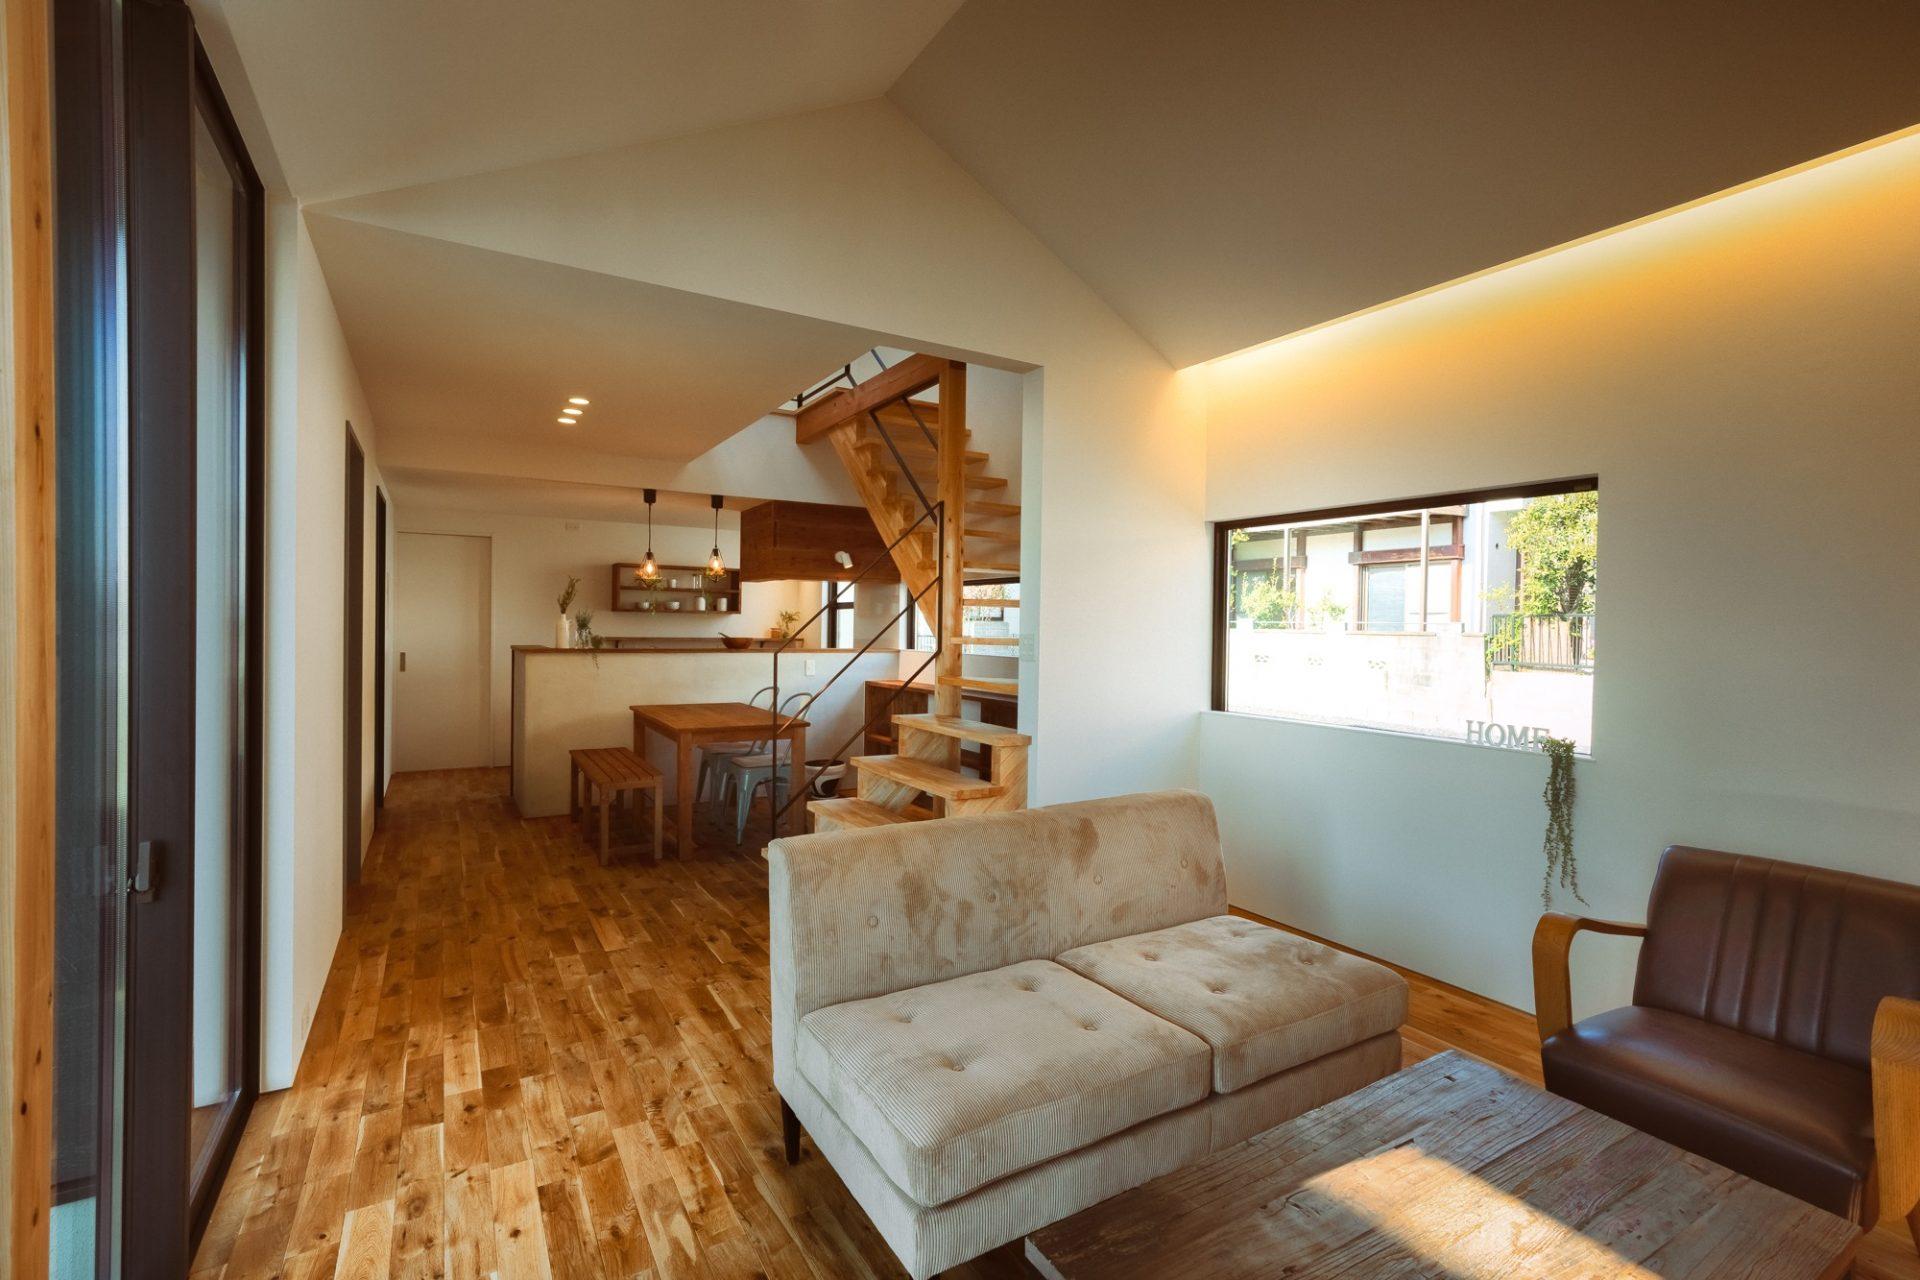 素材感を楽しむ家